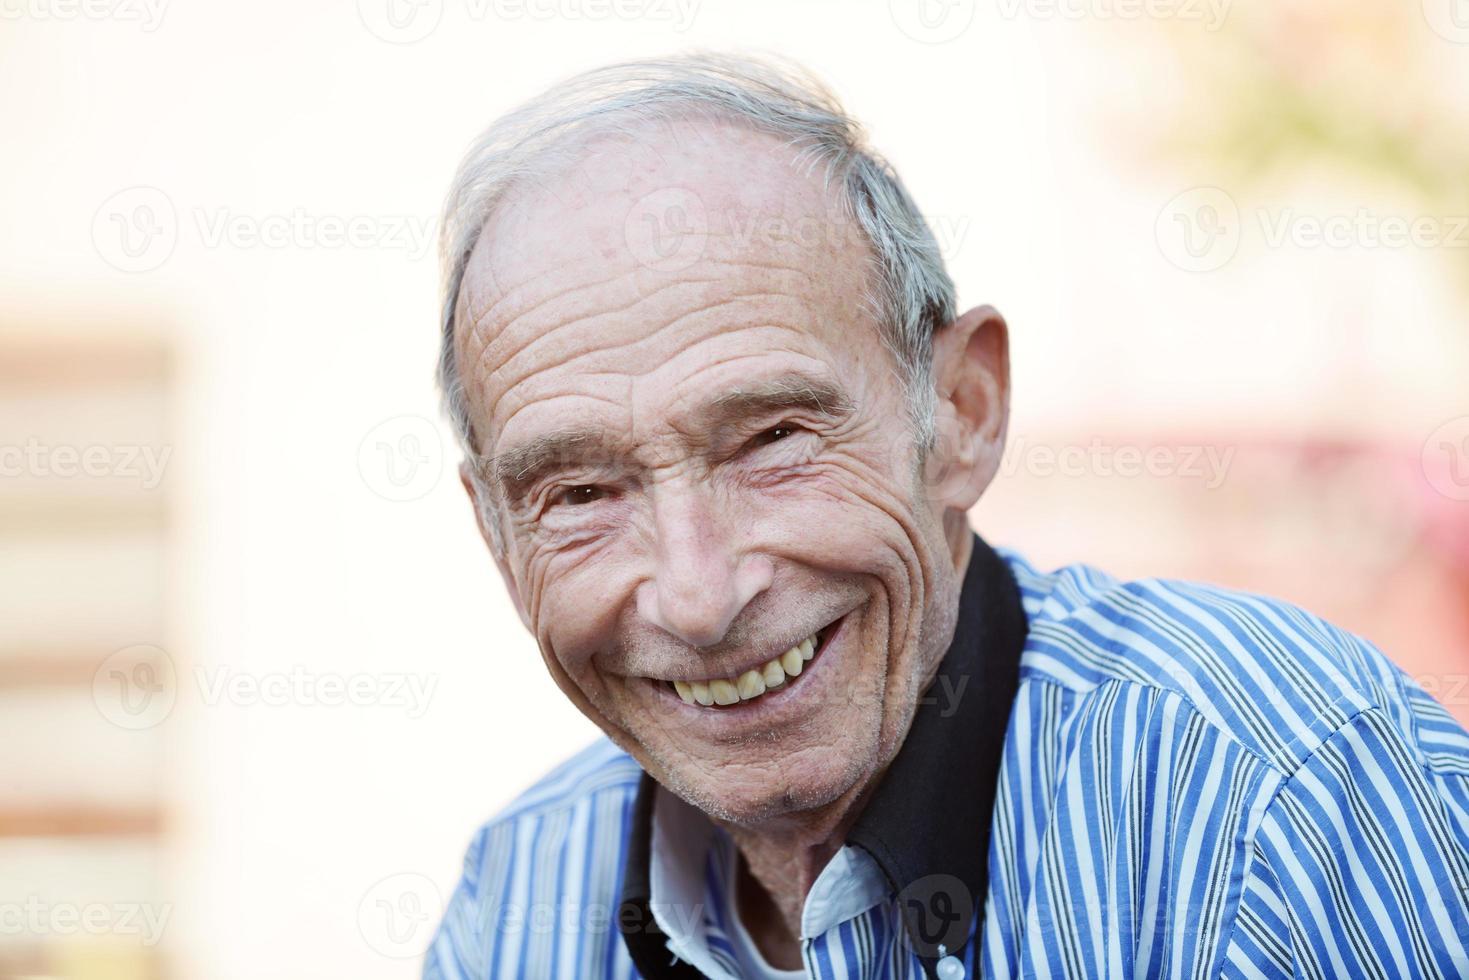 porträtt av en gammal man foto